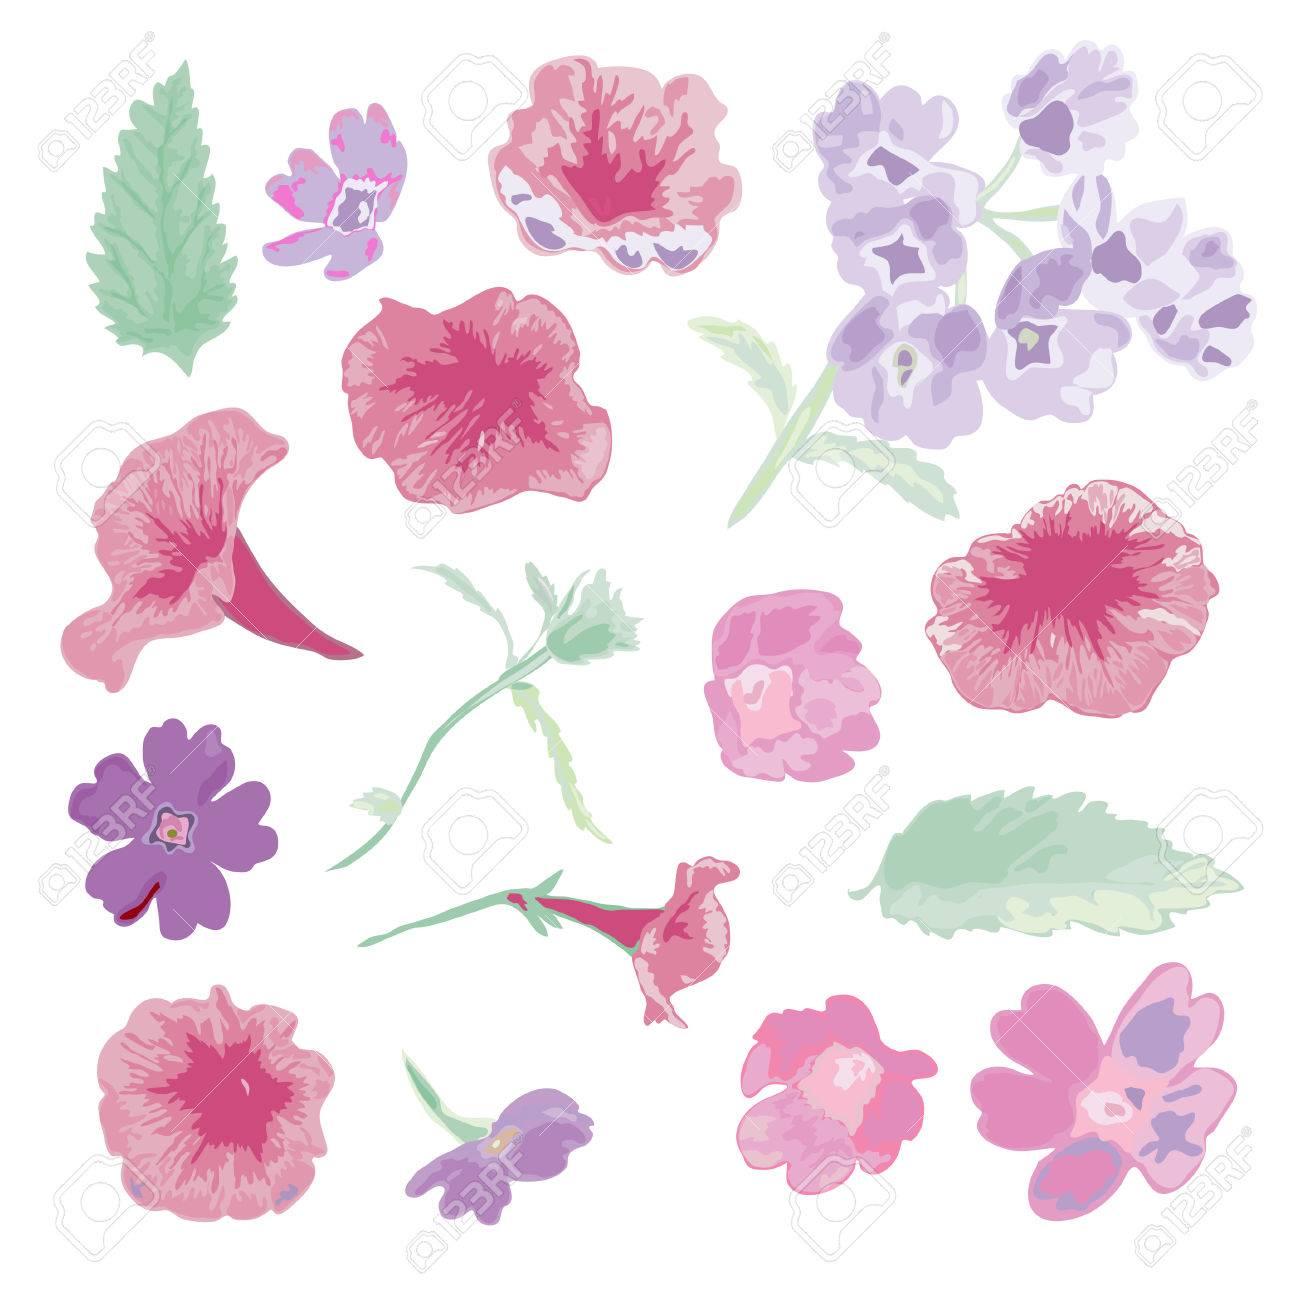 Flores Elegantes Decorativos Vector Y Las Hojas De Estilo De Acuarela Elementos De Diseño Decoraciones Florales Para Las Invitaciones De Boda